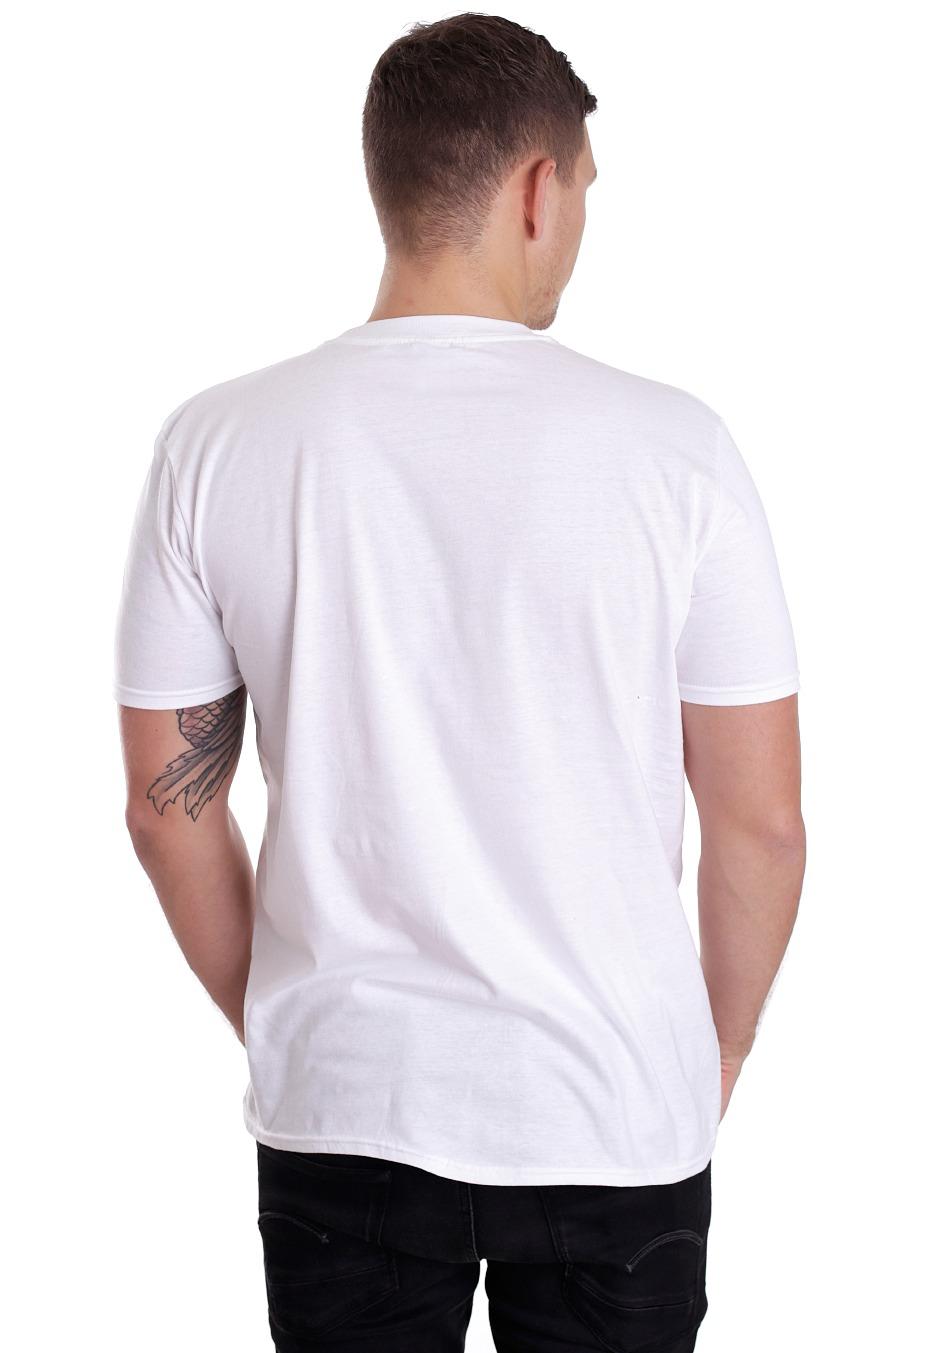 12b2e13ba5e0 Paramore - Future Silhouette White - T-Shirt - Official Pop ...